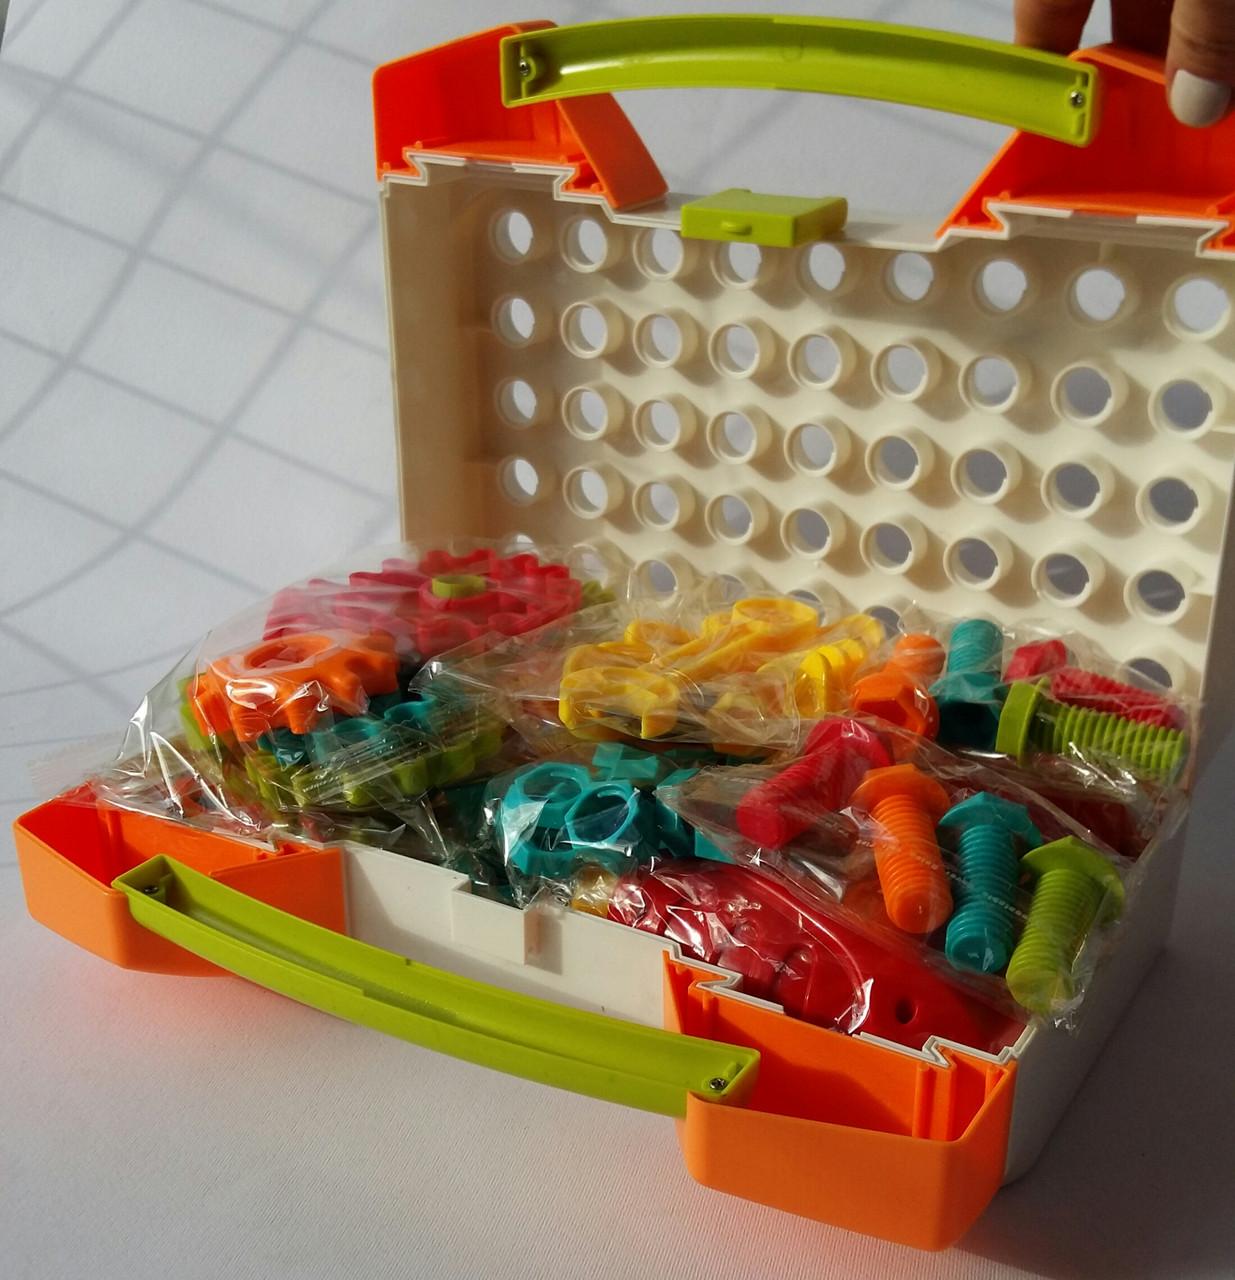 Мозаїка дитяча Limo Toy на 215 деталей, 4 в 1, з насадкою шуруповерт у валізі М5482